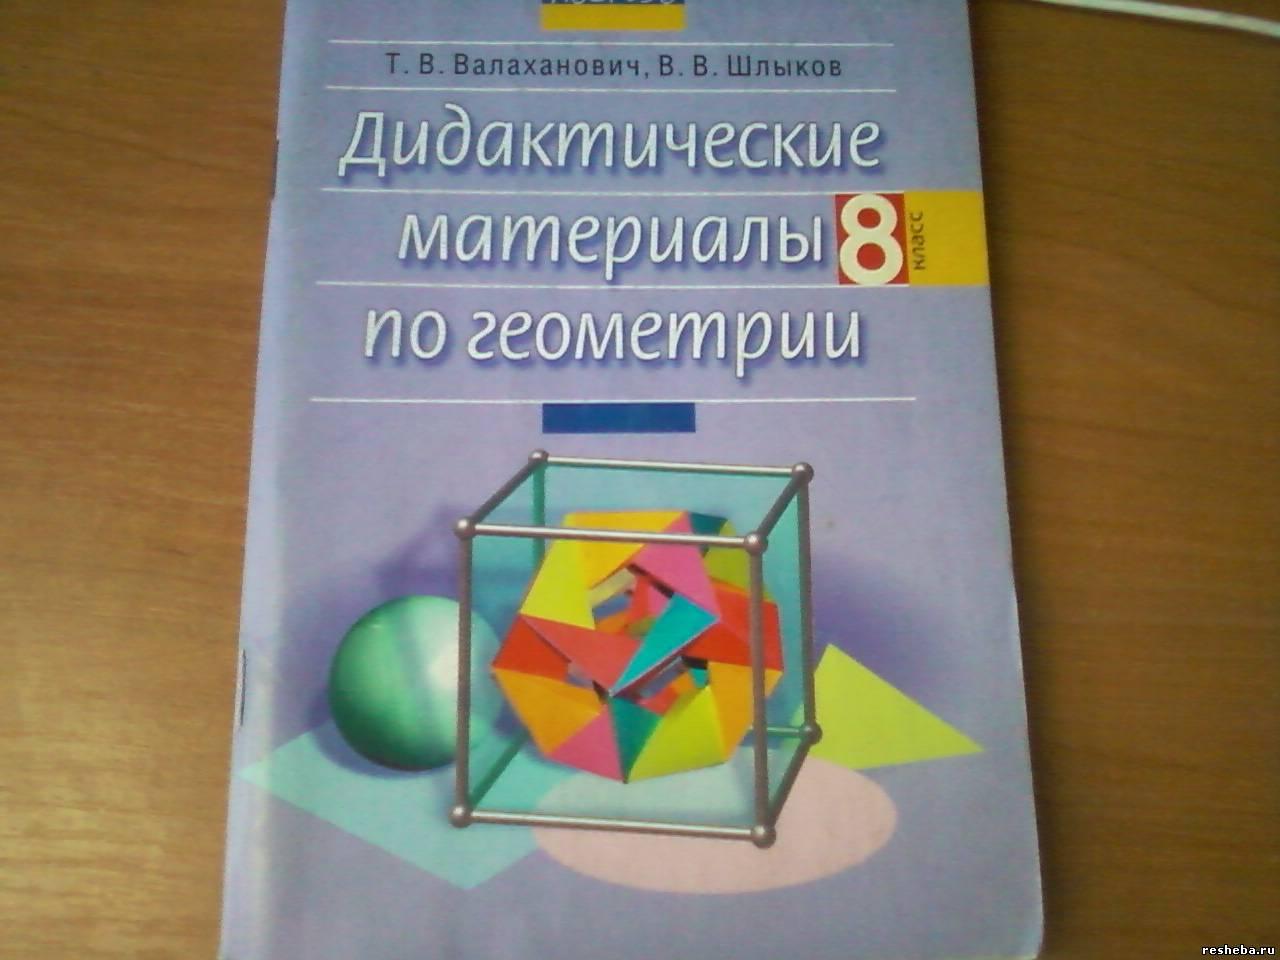 Решебник по дидактическому материалу 9